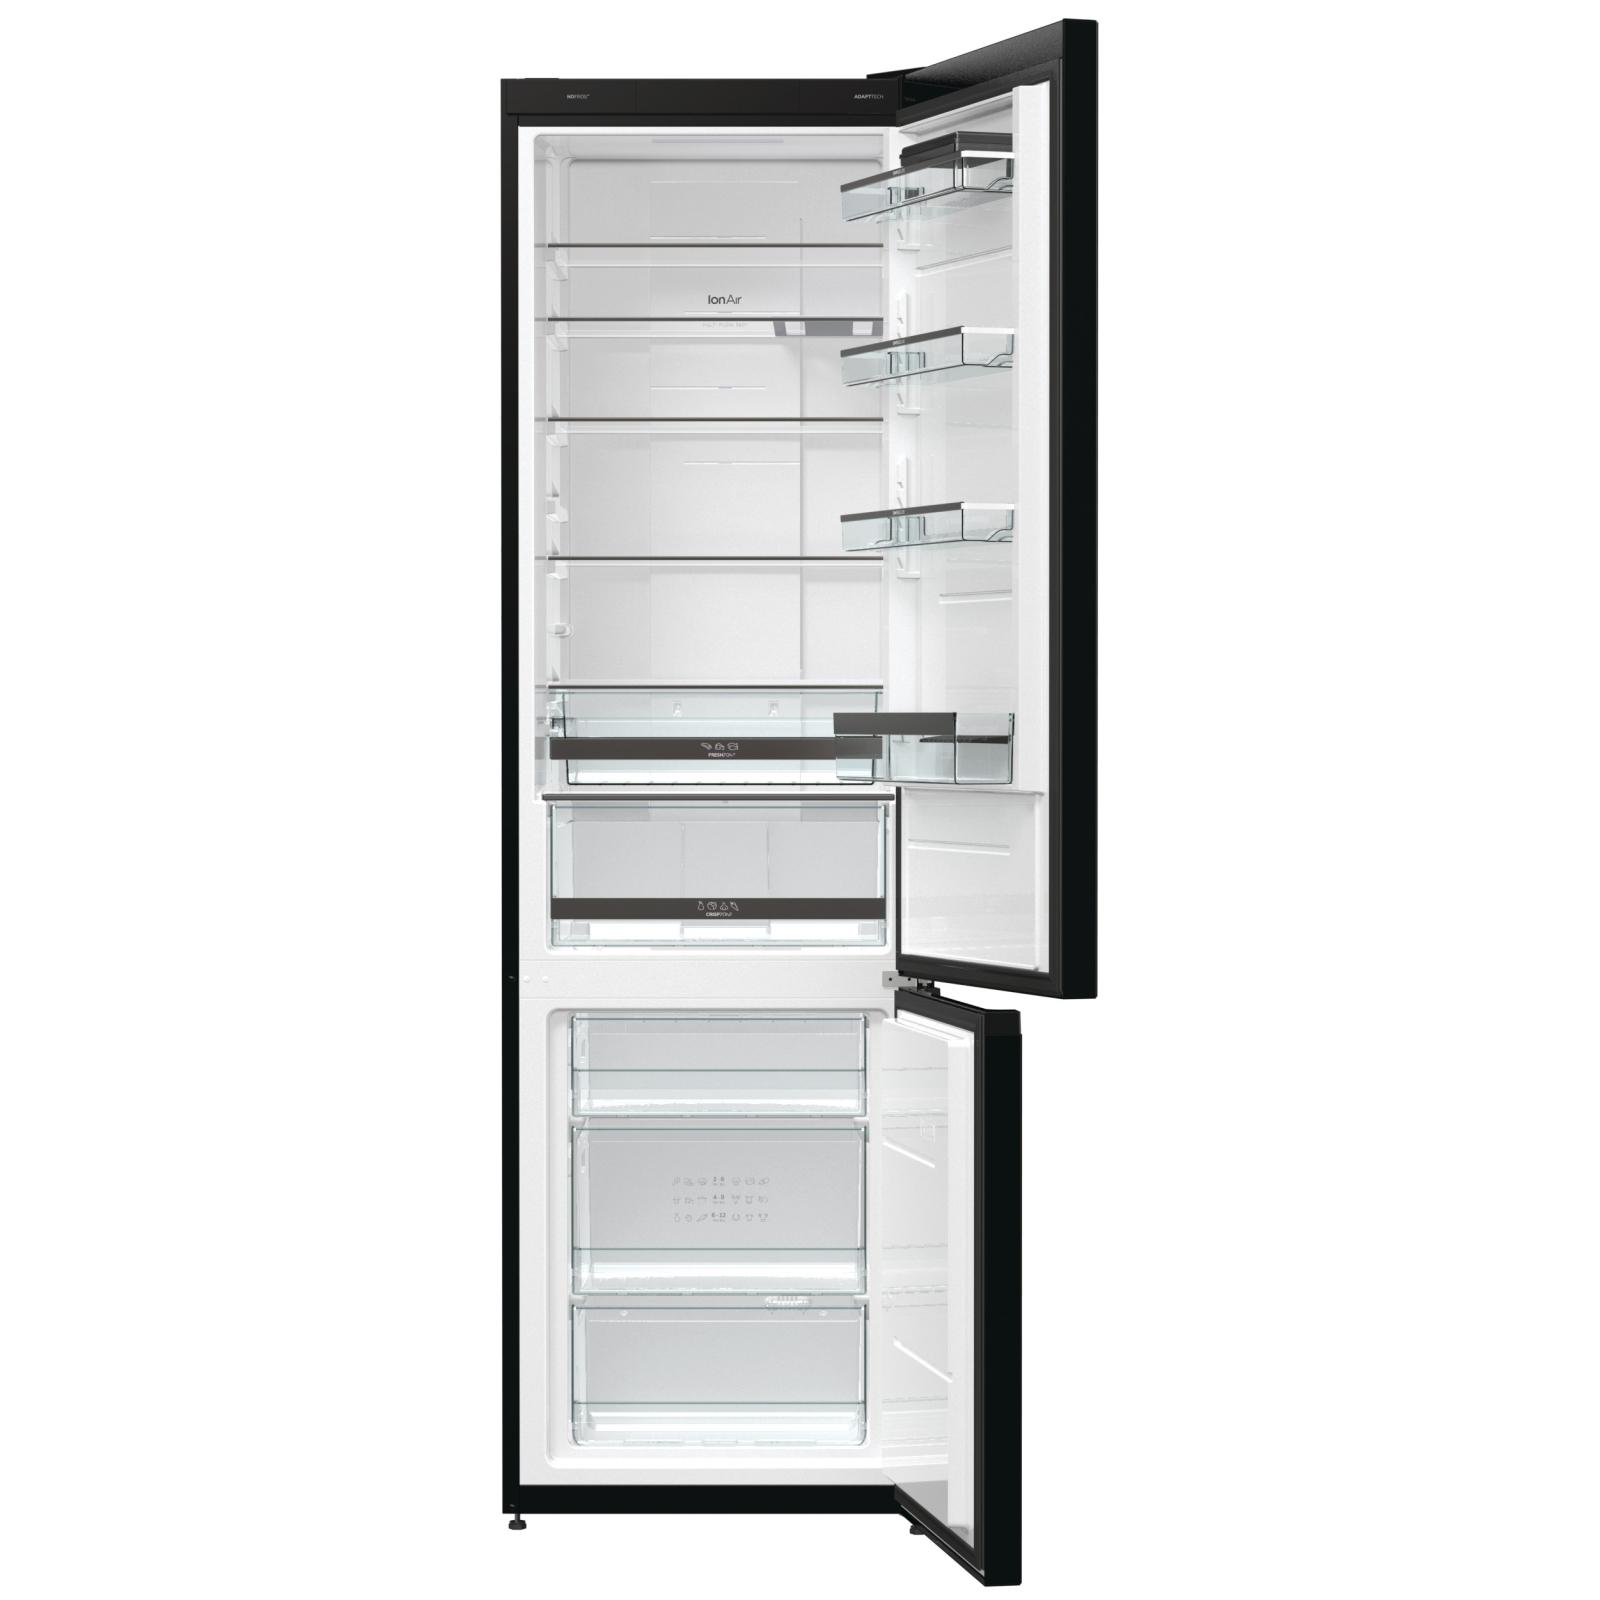 Холодильник Gorenje NRK621SYB4 изображение 7